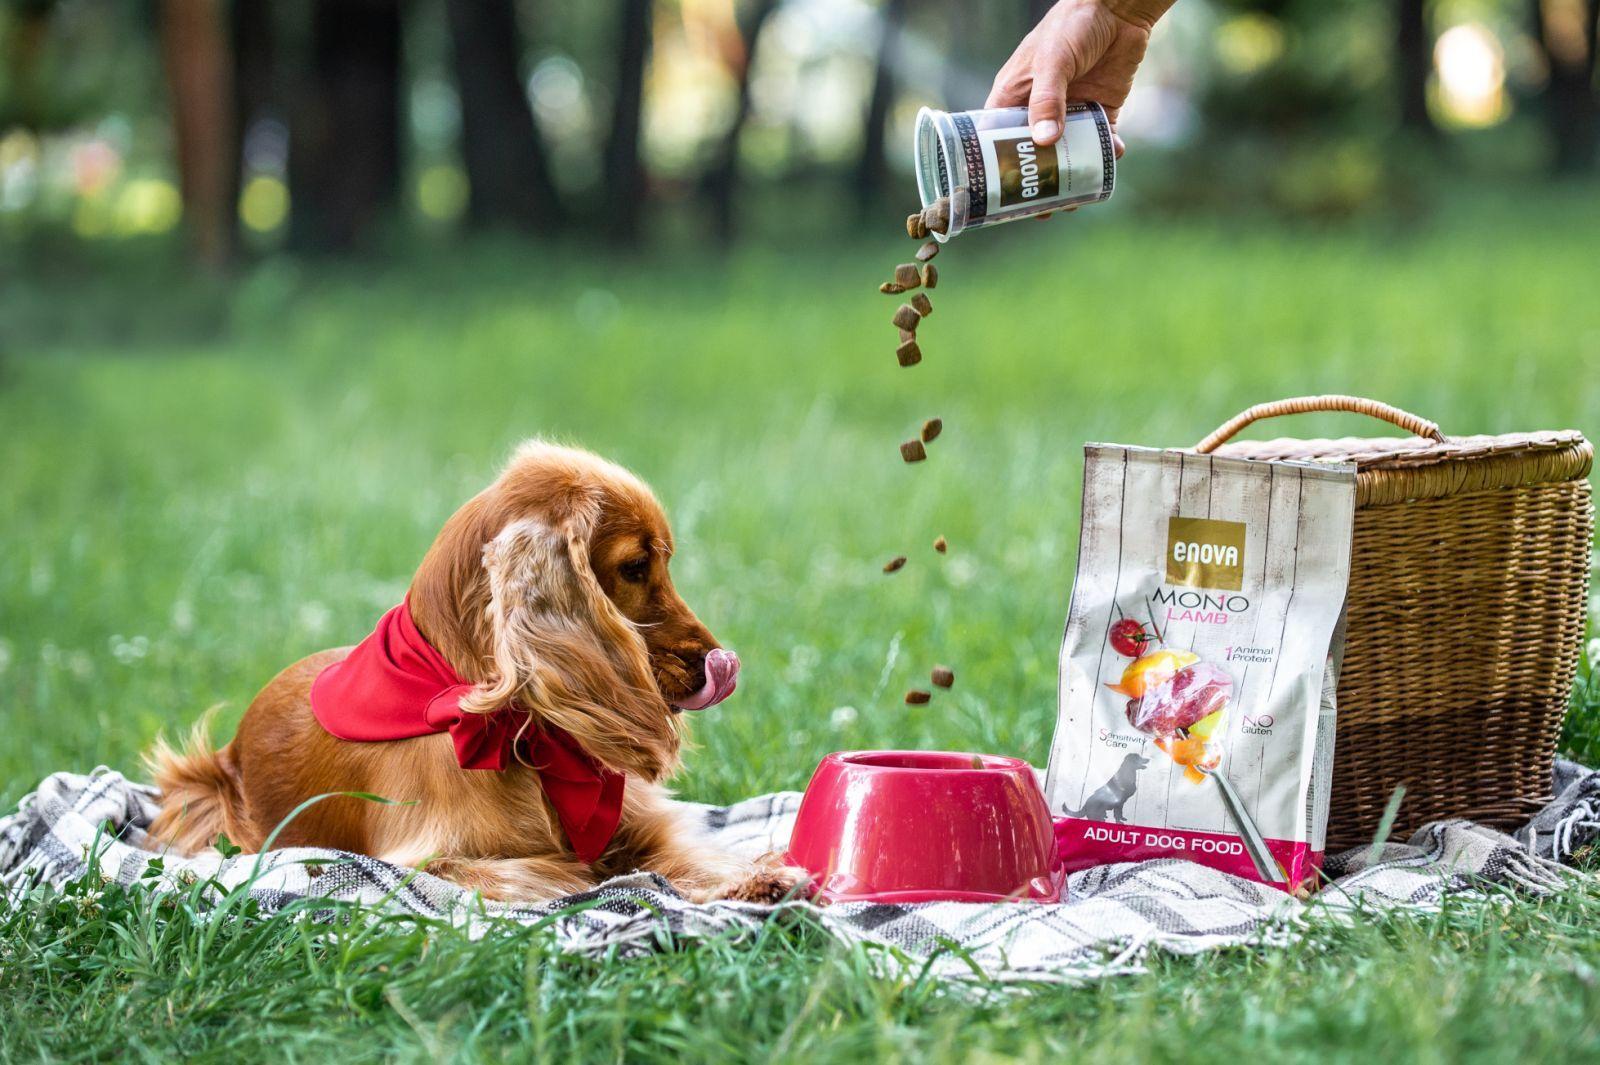 Корм для собак Enova ультра-премиум класса: отзывы и разбор состава